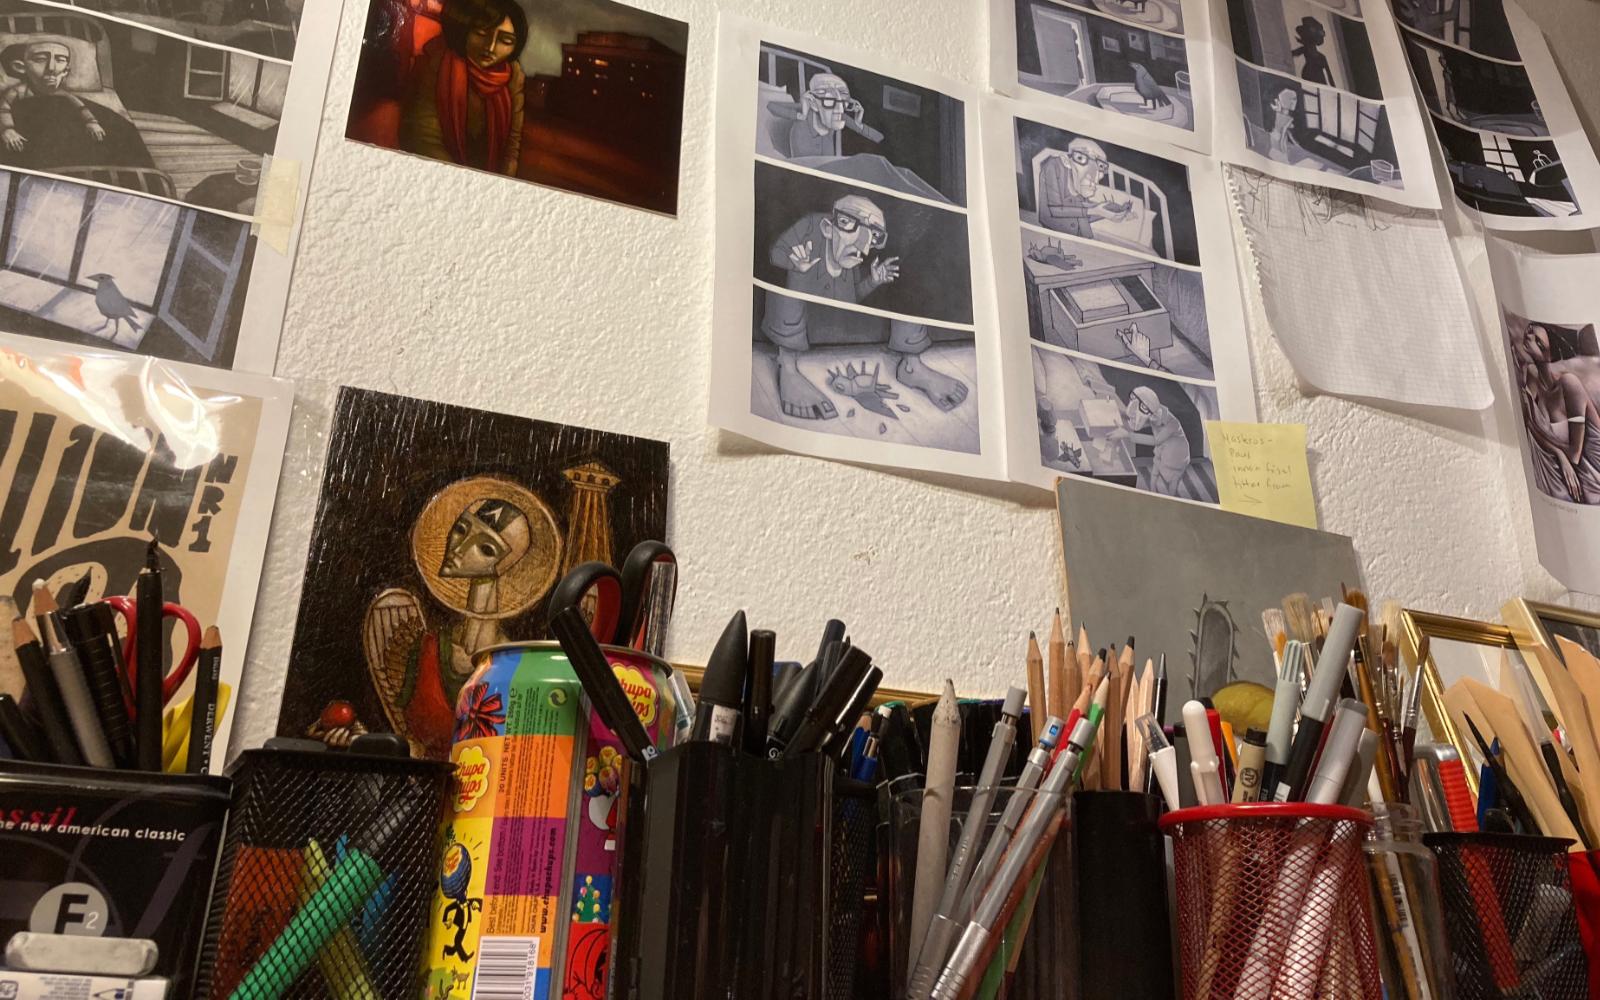 En bild från studion i Saltsjöbaden. Foto: Emelie Grundström.